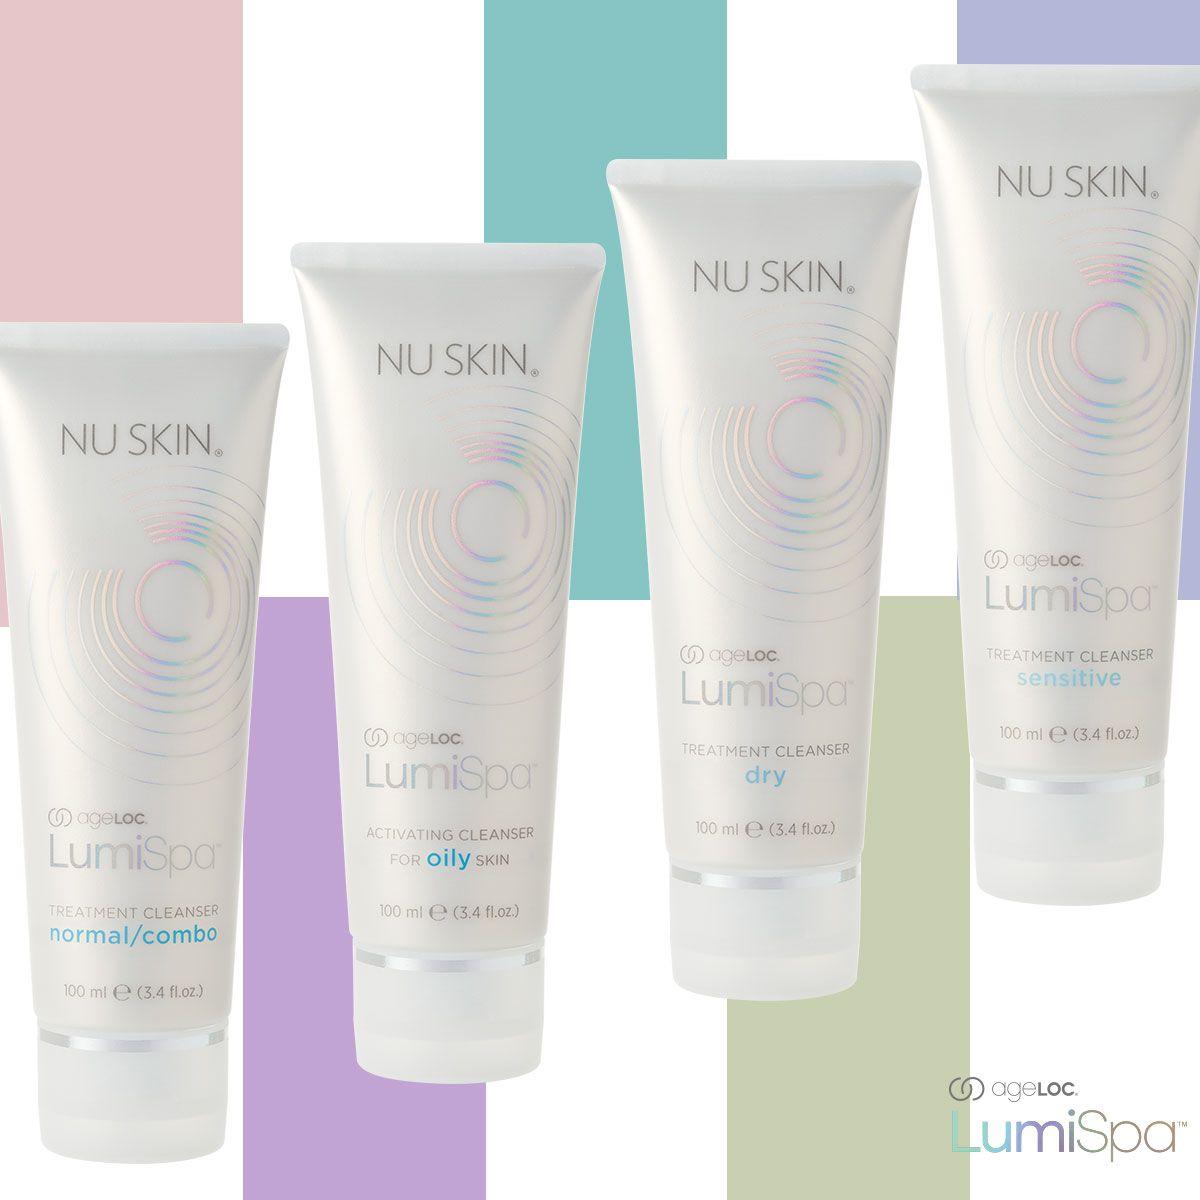 Pin de ᗷeᗩᑌty ᖇoᑌtiᑎe en HOT Product - LumiSpa | Tipos de piel, Cuidado de los ojos, Gel limpiador facial